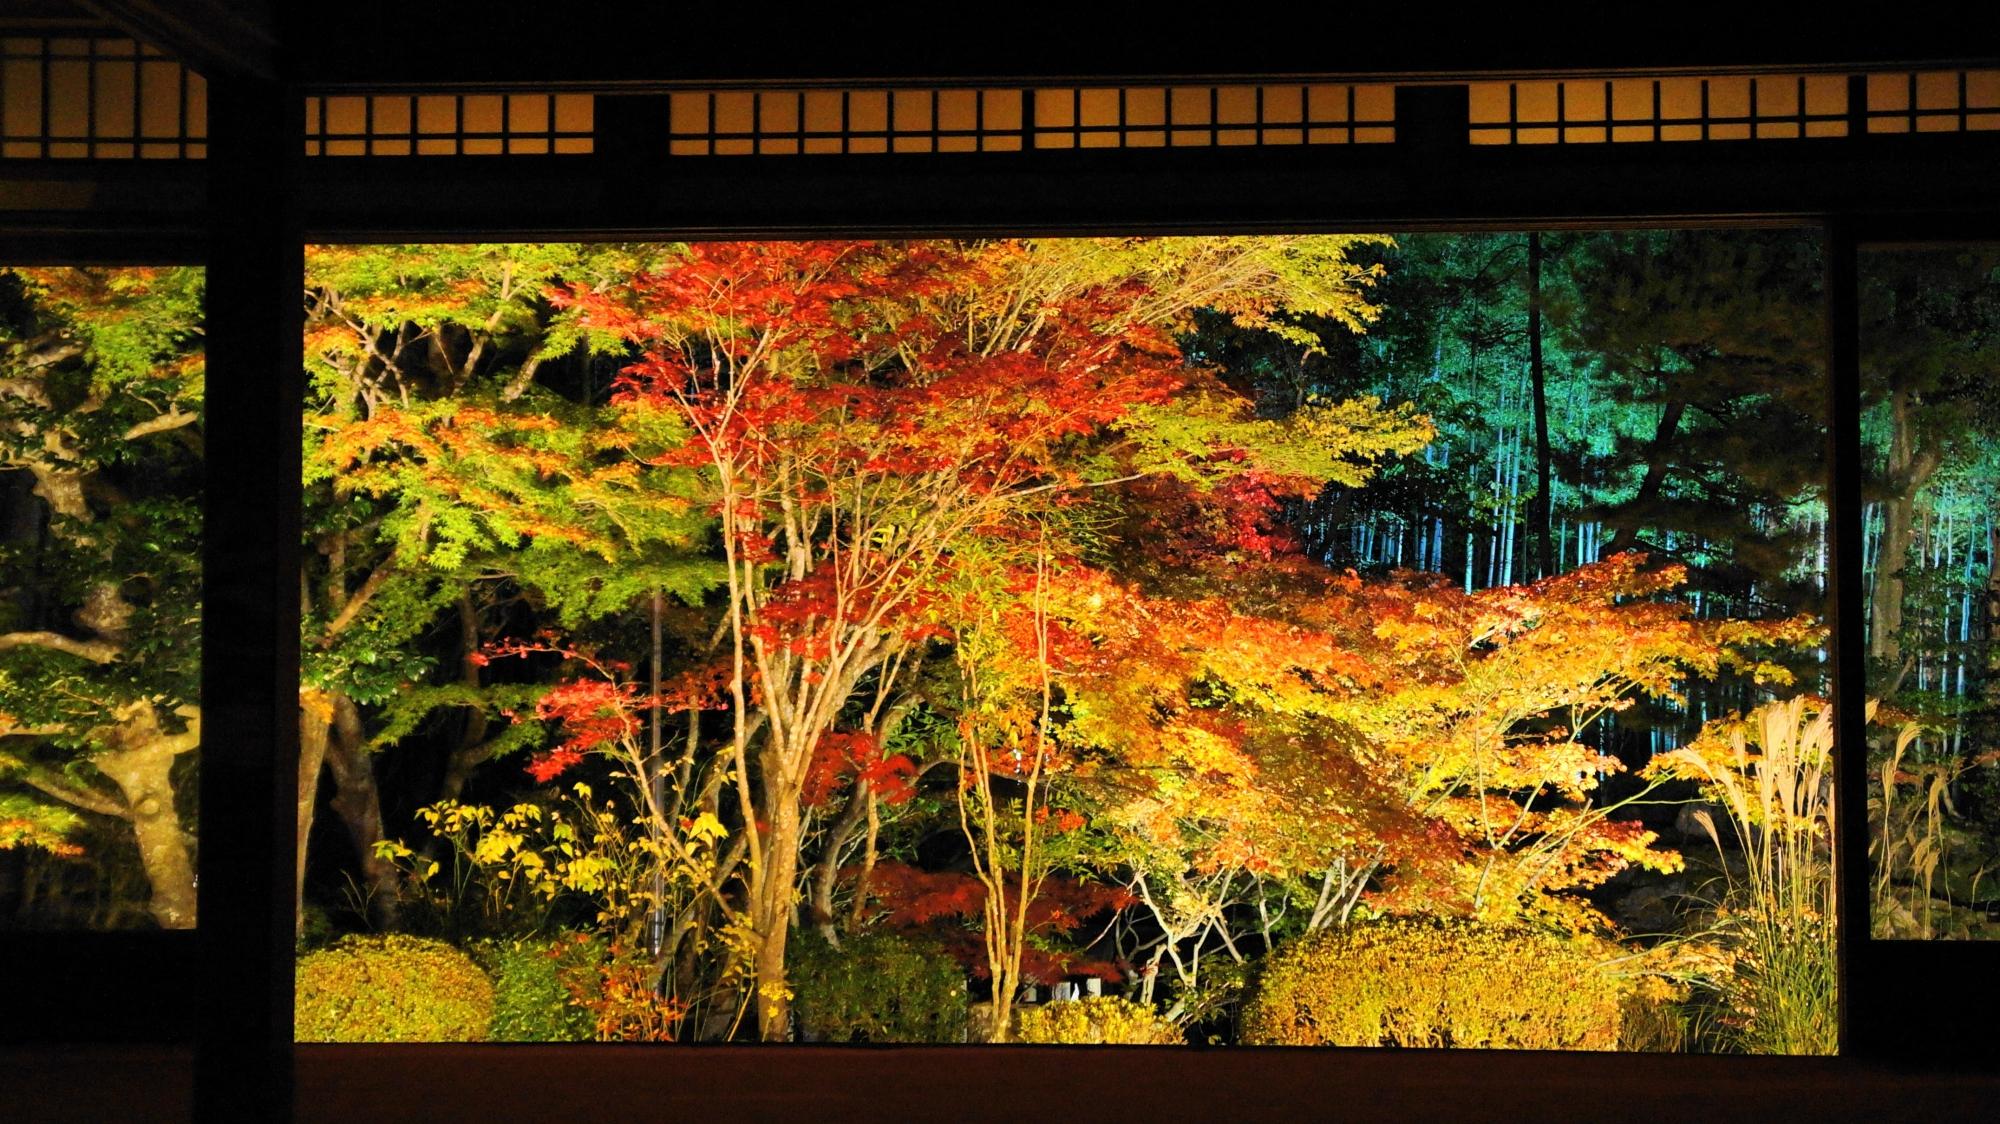 幻想的な夜の額縁の天寿庵書院南庭